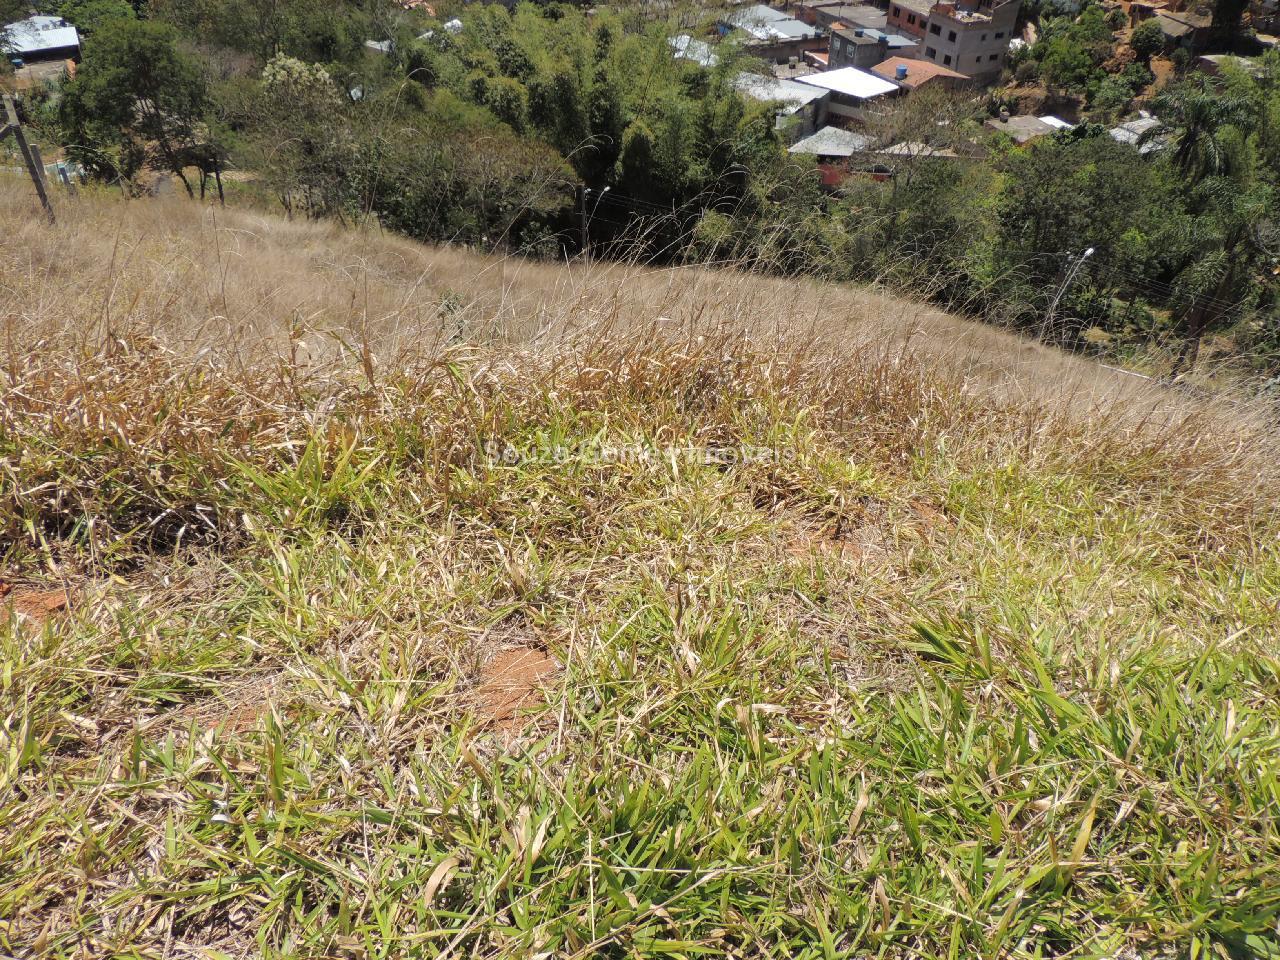 Ref.: 9085 - Lote ou Terreno - Morro do Cristo